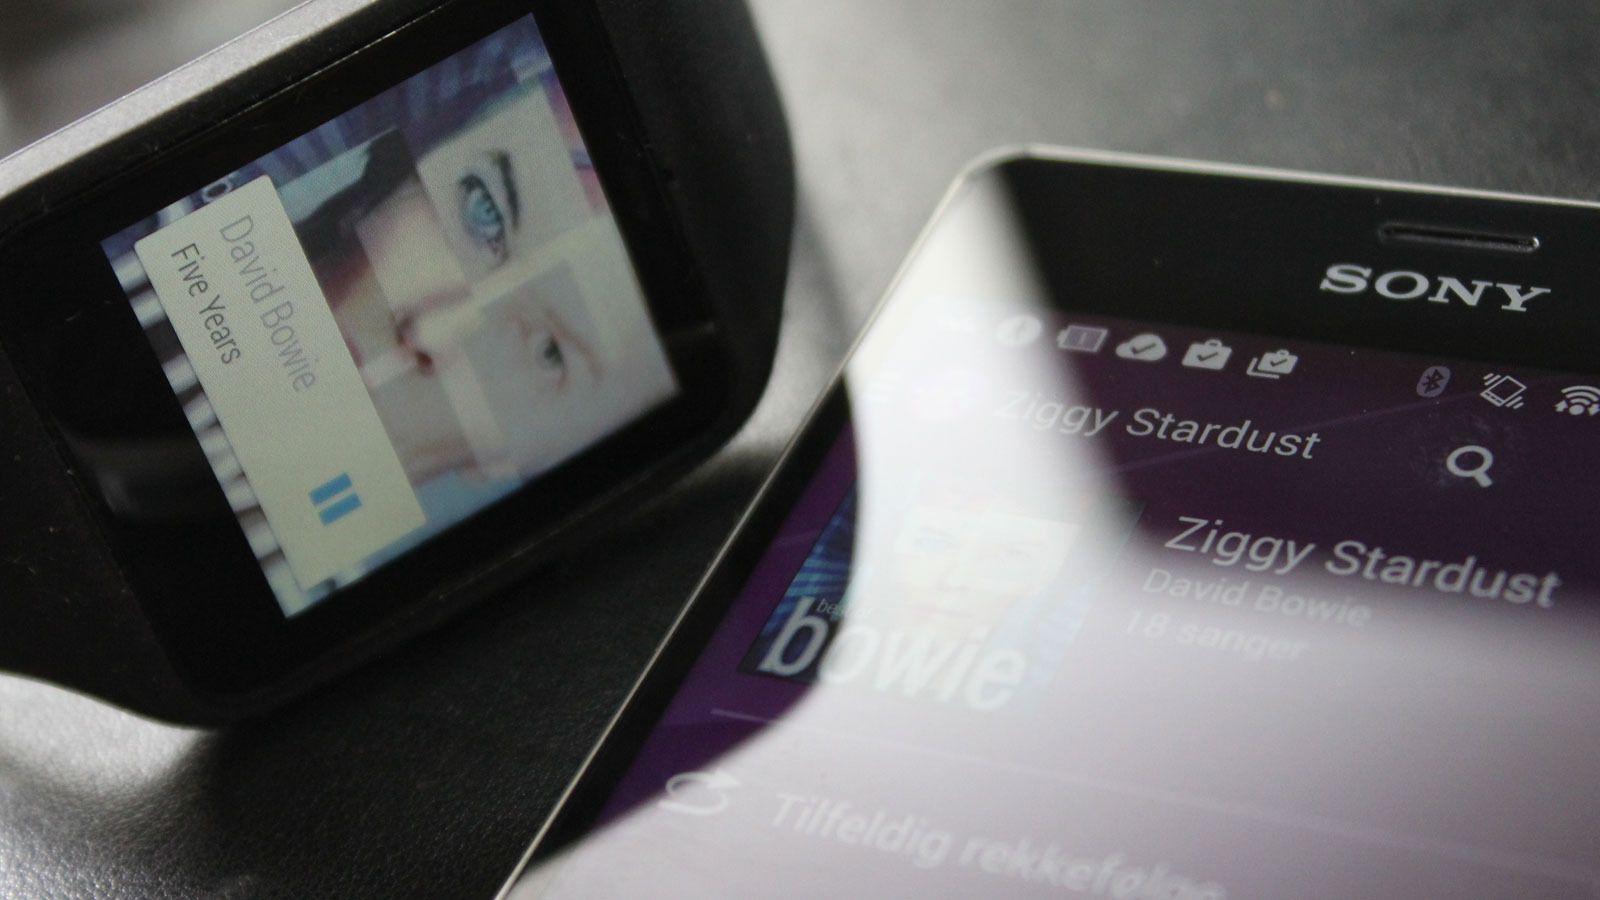 Klokka fungerer utmerket som fjernkontroll til musikkspilleren, også om du bruker Wimp eller Spotify.Foto: Espen Irwing Swang, Tek.no